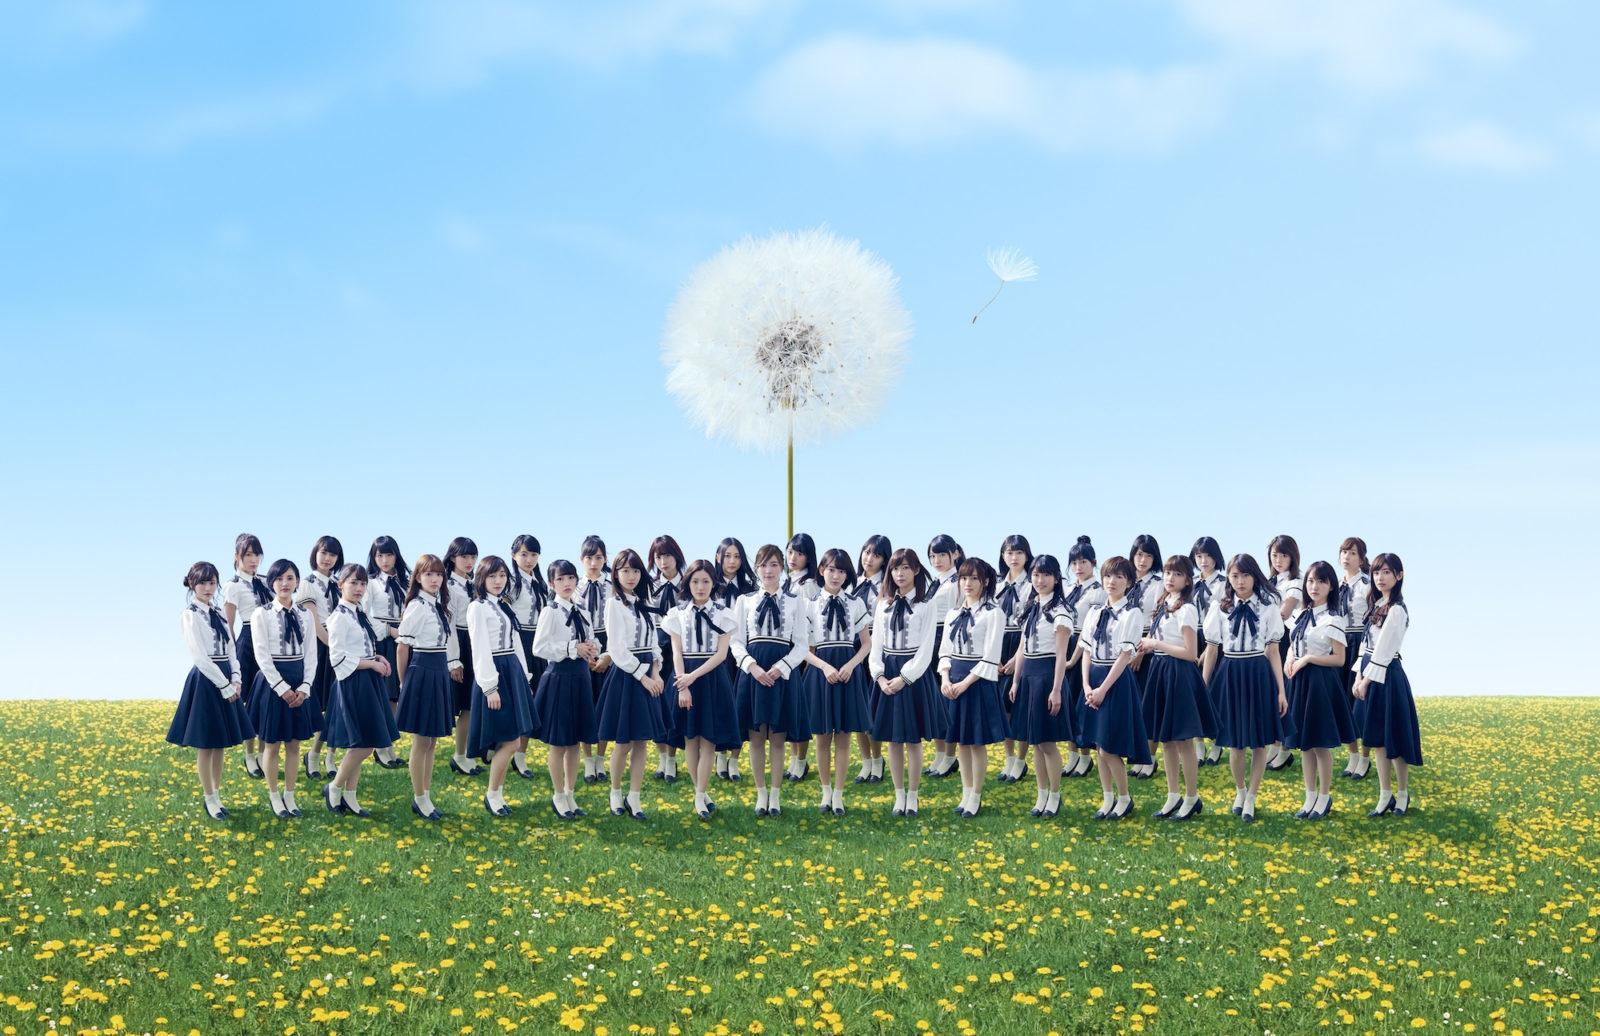 AKB48峯岸みなみが須藤凜々花から謝罪を受けていたことを明かす。大島優子・高橋みなみらの発言についても言及サムネイル画像